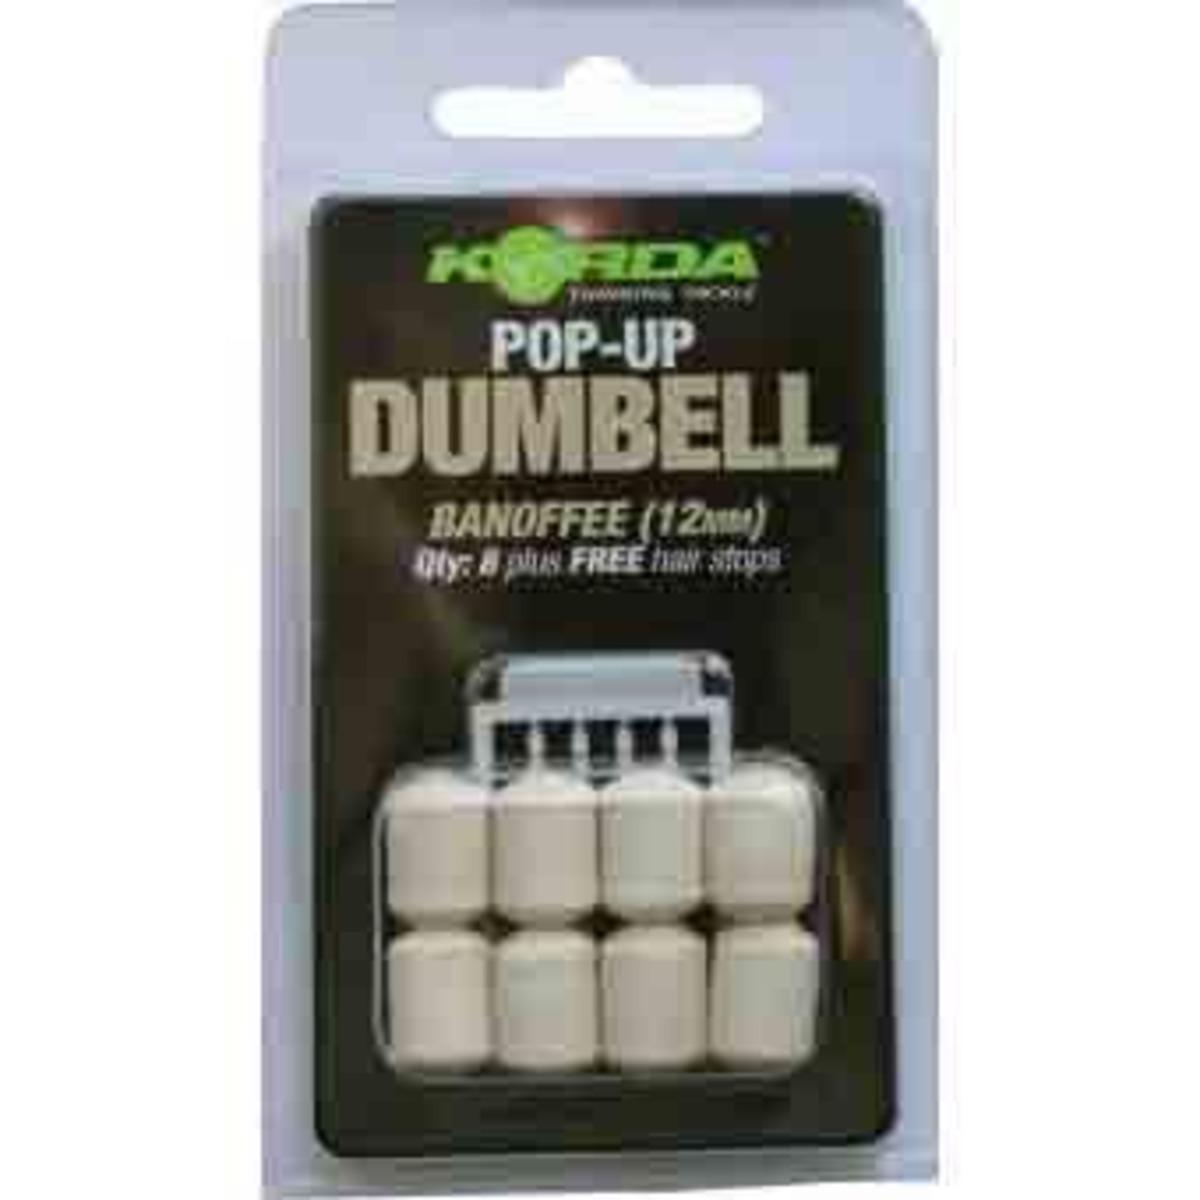 Korda Pop Up Dumbell - Banoffee 12 mm